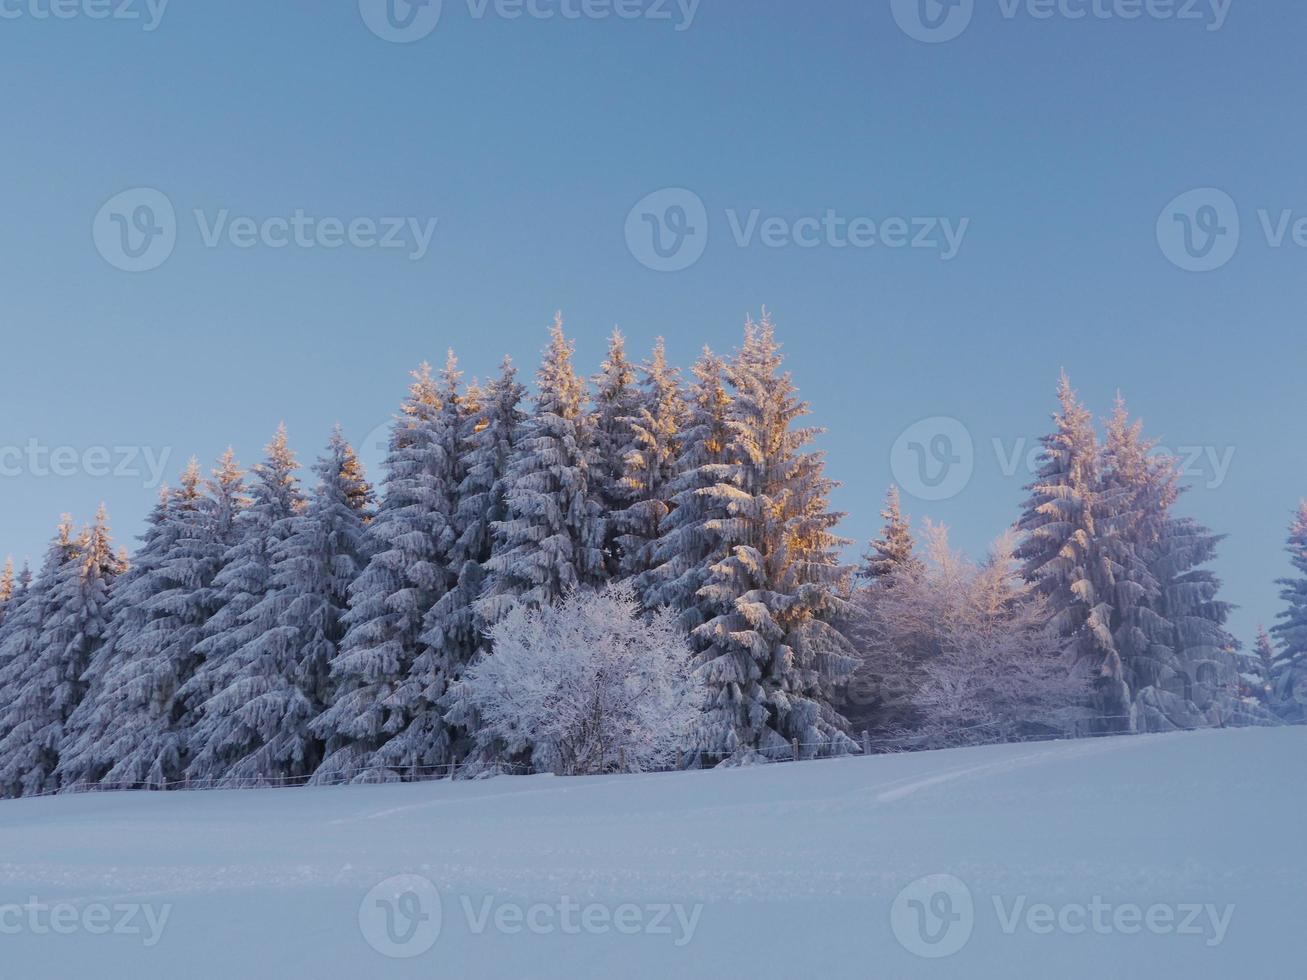 paesaggio invernale neve foto